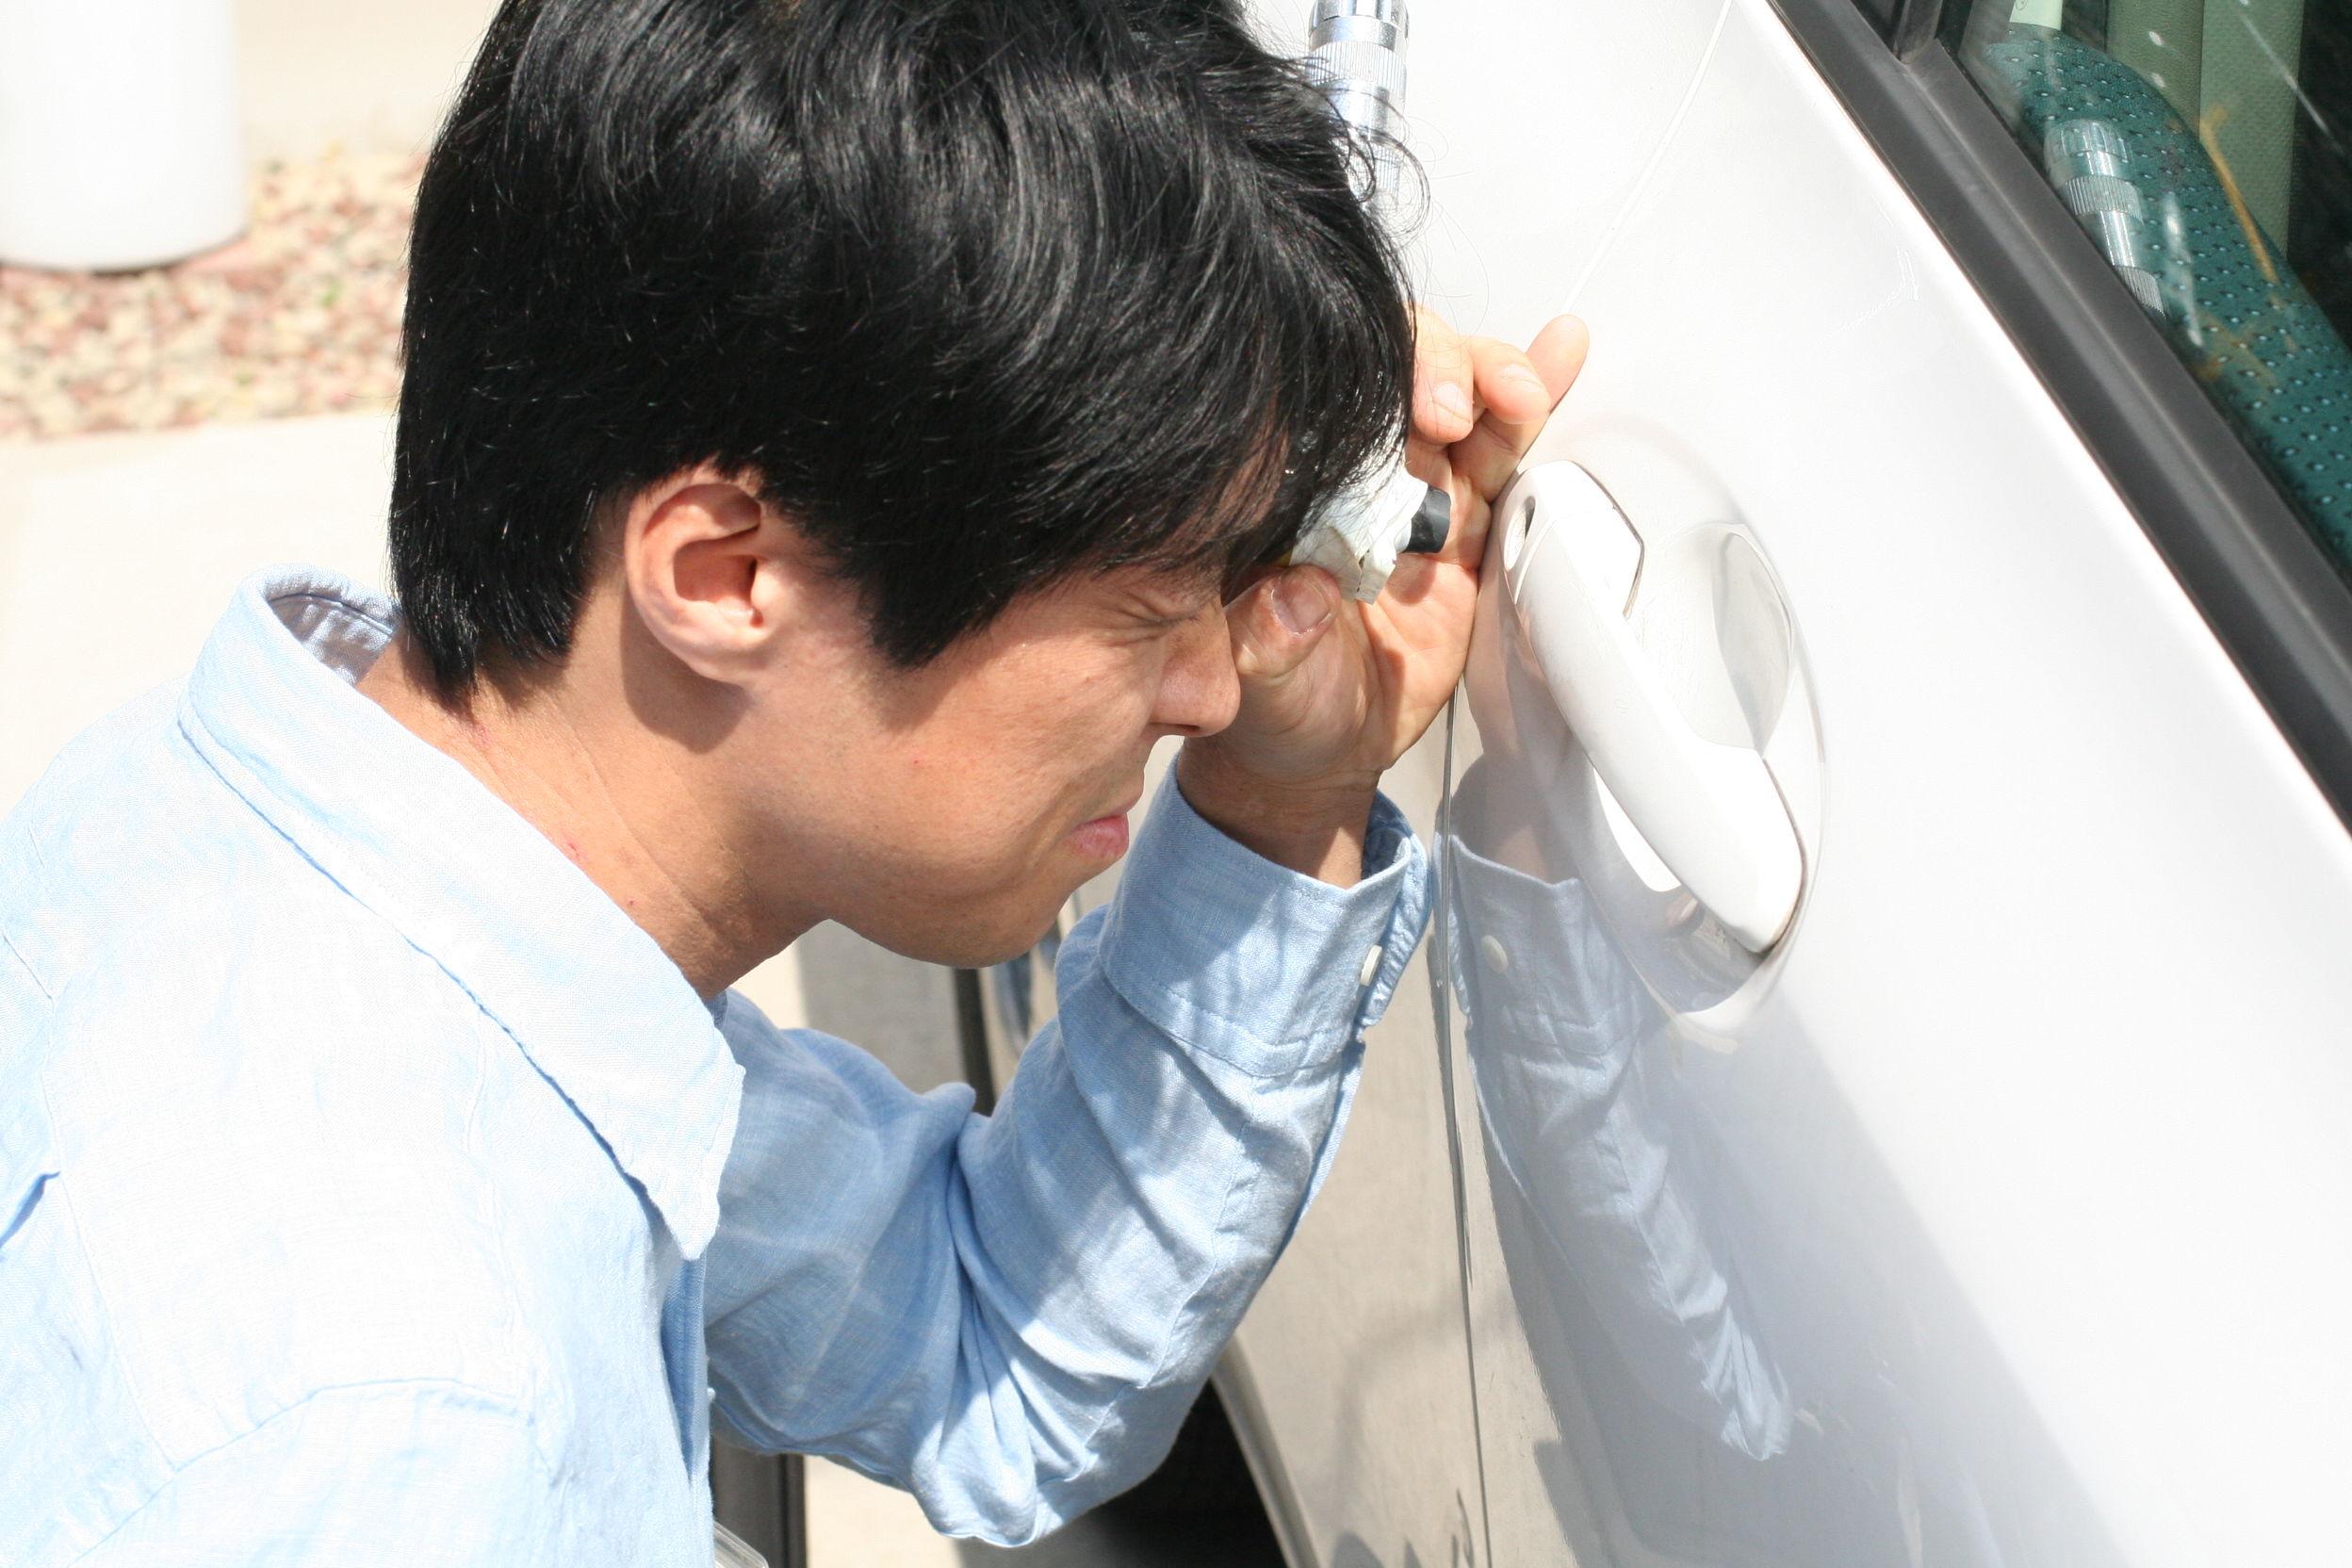 カギのトラブル救Q隊.24【南津軽郡藤崎町 出張エリア】のメイン画像